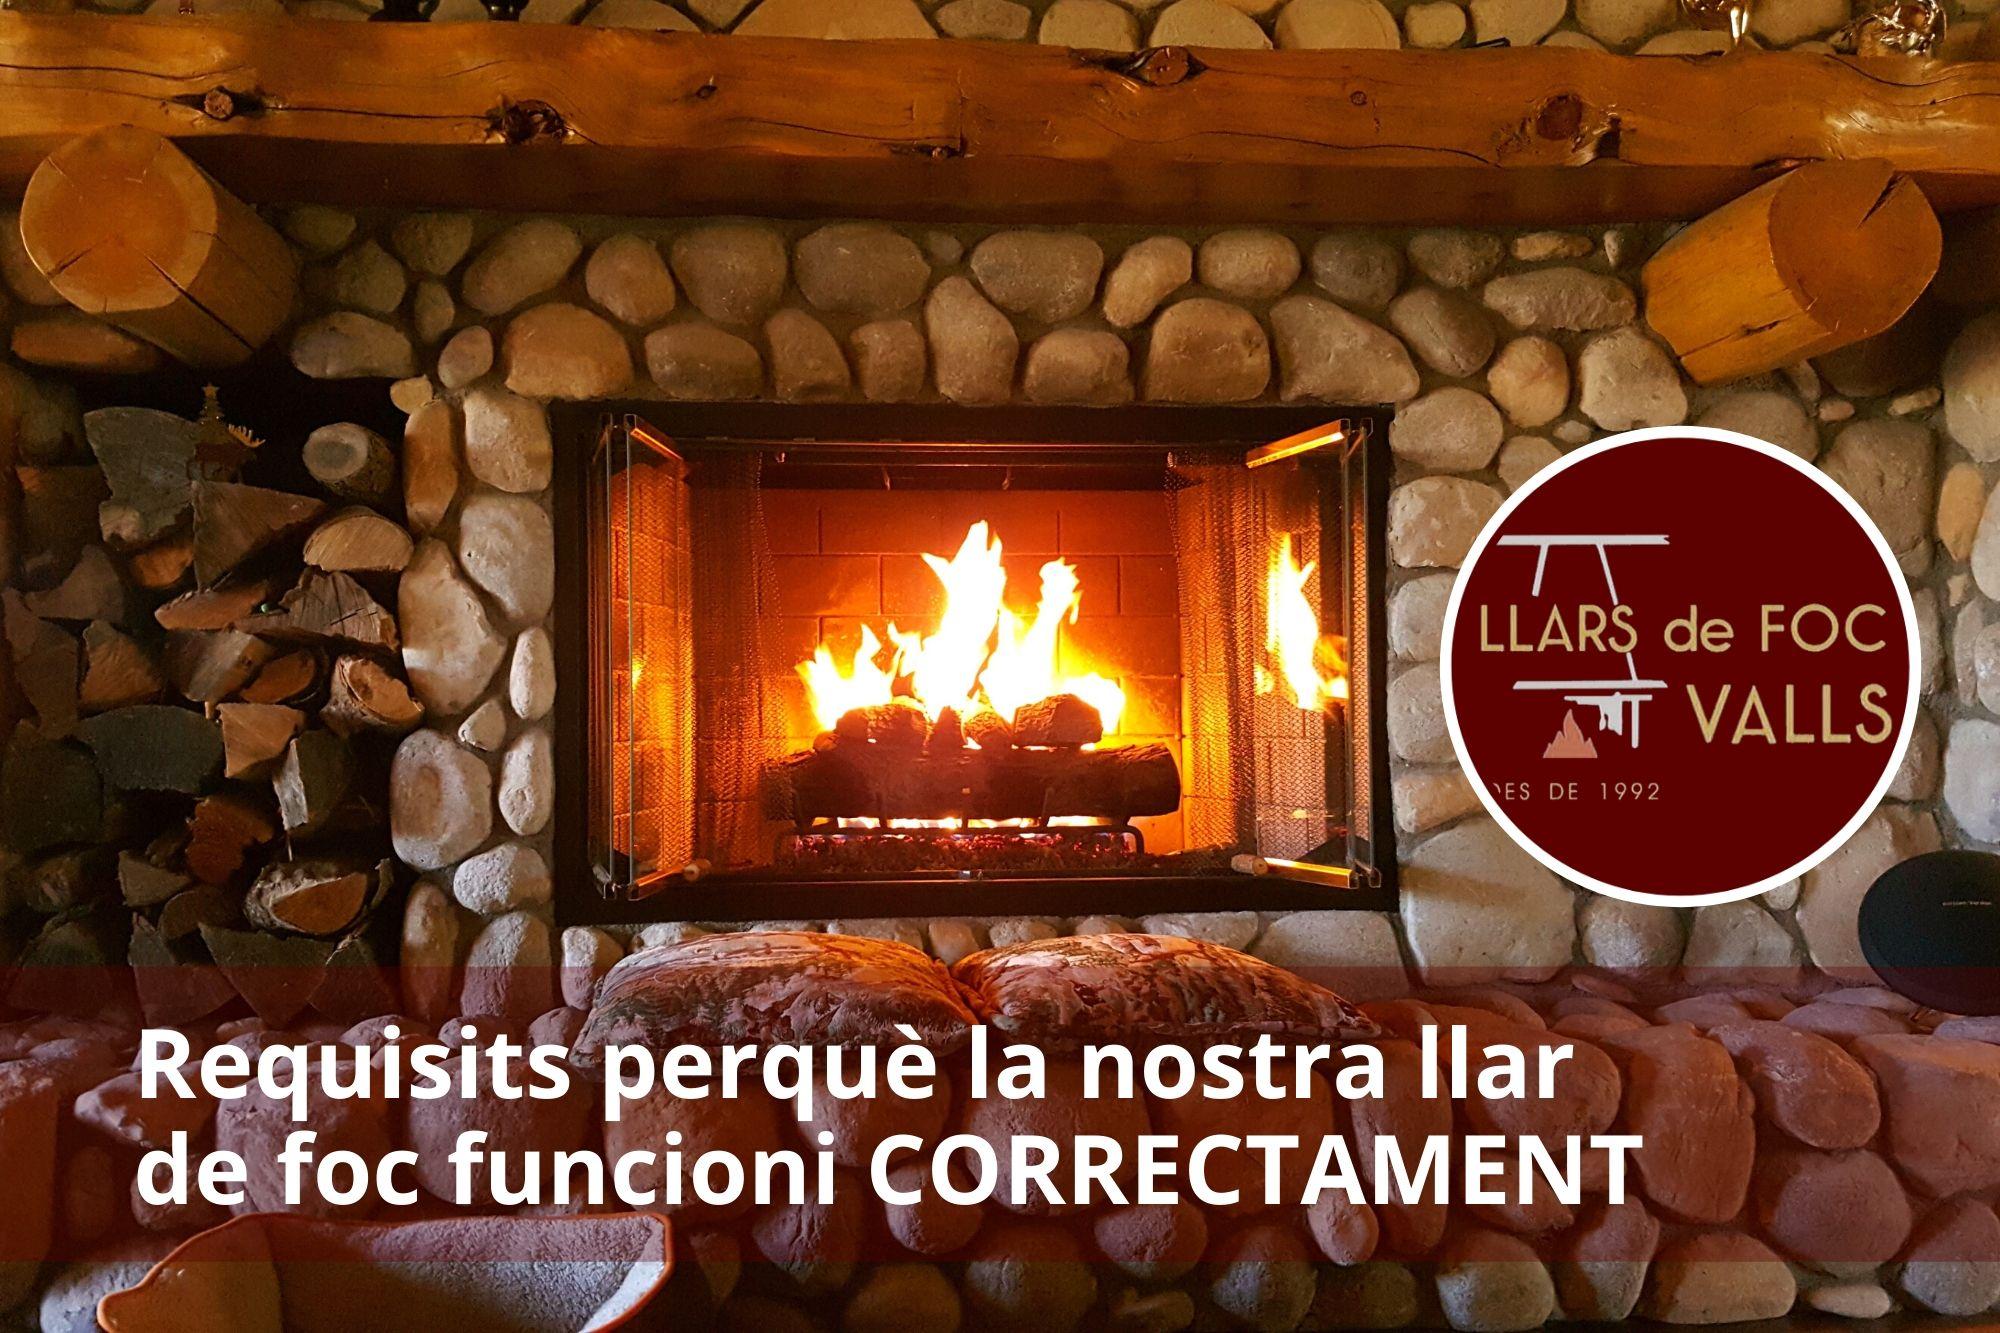 Llars De Foc Valls 4 Requisits Perque La Llar De Foc Funcioni Correctament